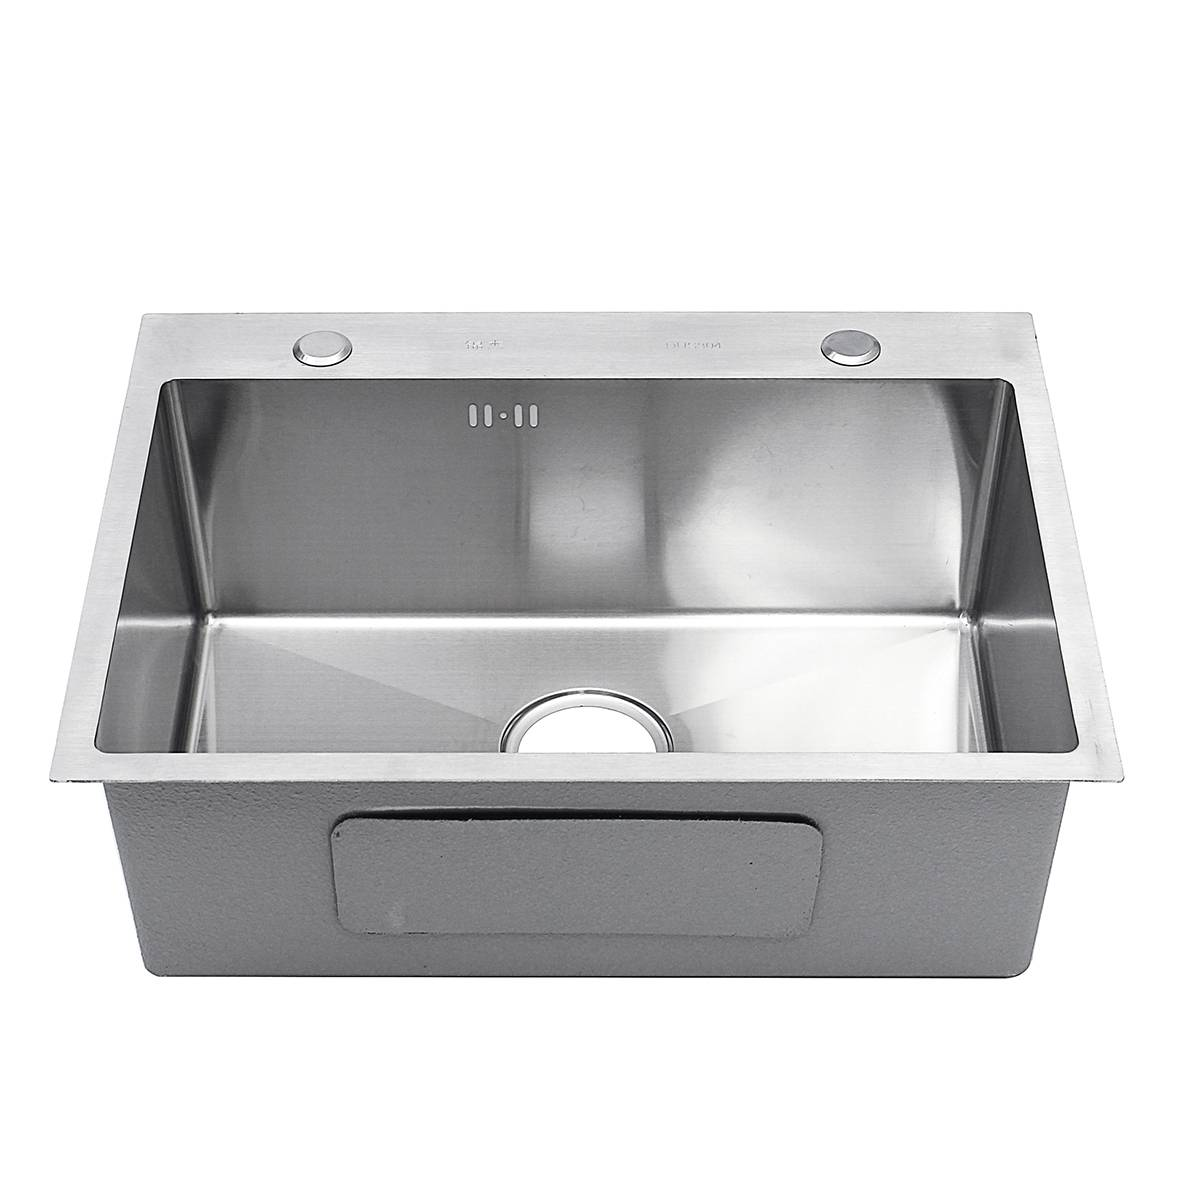 Évier de cuisine en acier inoxydable lavabo à vaisselle à fente unique 62*42cm lavabo à vaisselle avec panier de vidange distributeur de savon tuyau de vidange - 3